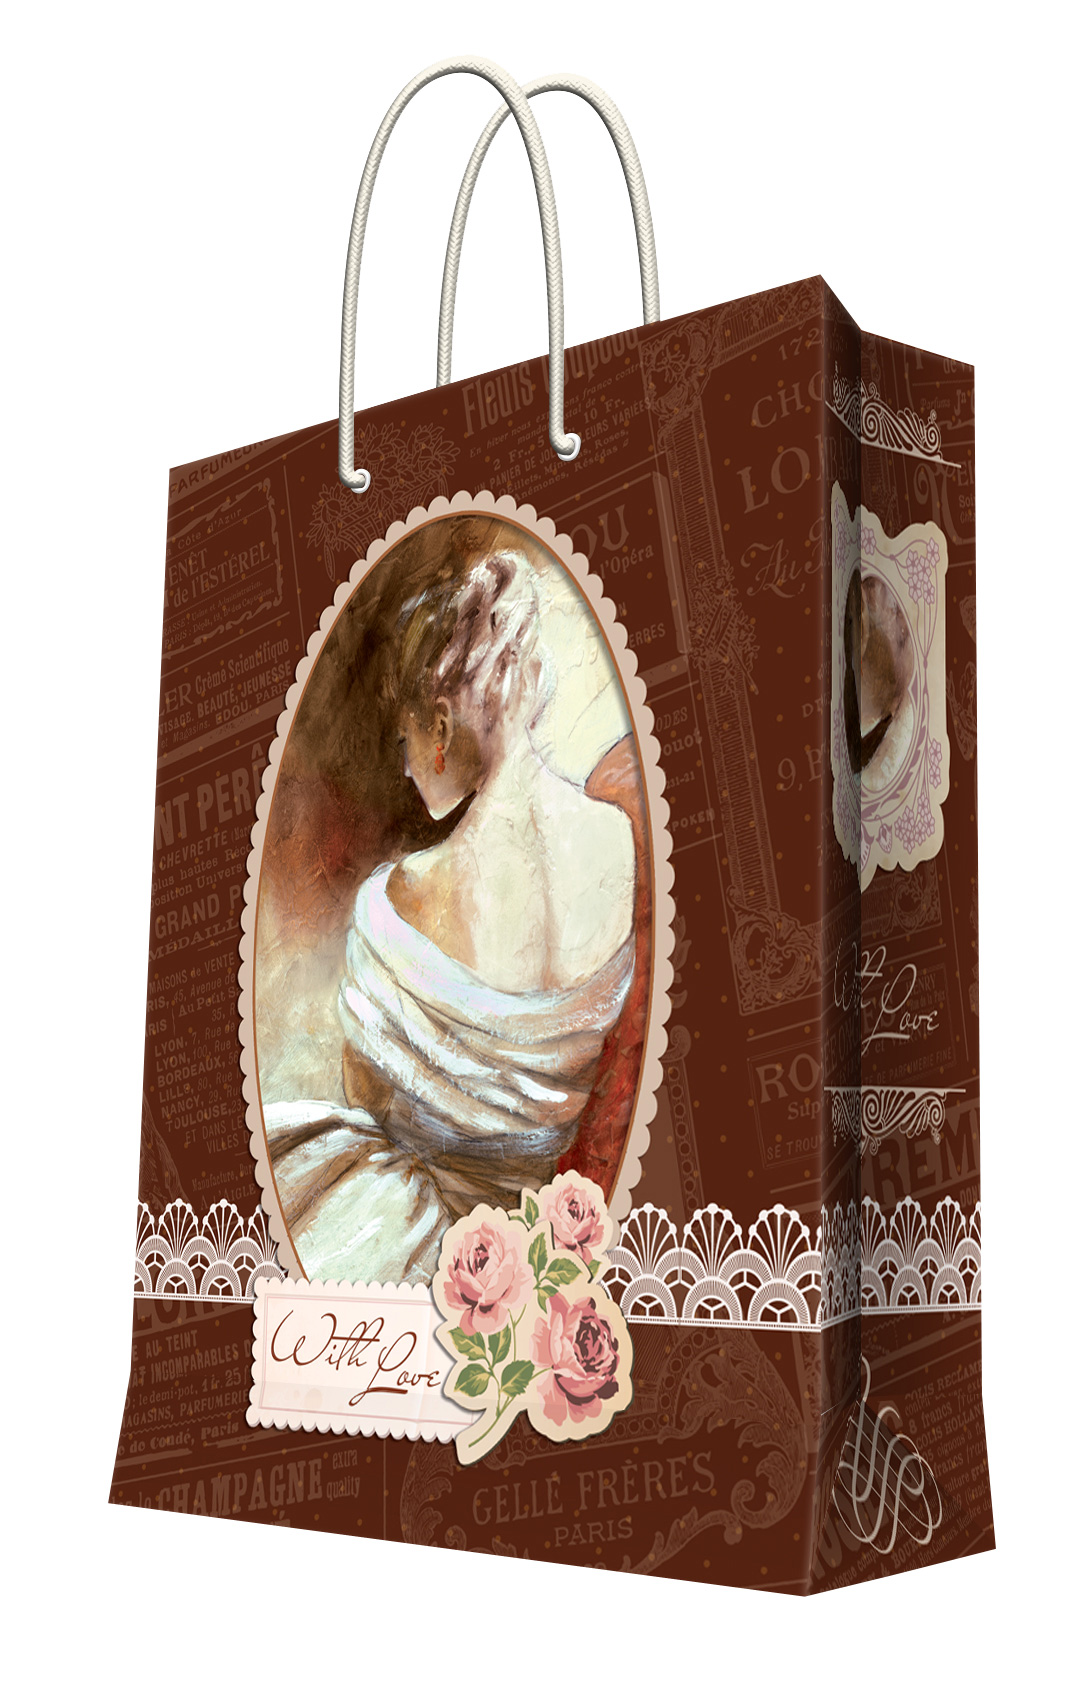 Пакет подарочный Феникс-Презент После бала, 26 х 12,7 х 32,4 см35957Подарочный пакет Феникс-Презент После бала, изготовленный из плотной бумаги, станет незаменимым дополнением к выбранному подарку. Дно изделия укреплено картоном, который позволяет сохранить форму пакета и исключает возможность деформации дна под тяжестью подарка. Пакет выполнен с глянцевой ламинацией, что придает ему прочность, а изображению - яркость и насыщенность цветов. Для удобной переноски на пакете имеются две ручки из шнурков.Подарок, преподнесенный в оригинальной упаковке, всегда будет самым эффектным и запоминающимся. Окружите близких людей вниманием и заботой, вручив презент в нарядном, праздничном оформлении.Плотность бумаги: 128 г/м2.